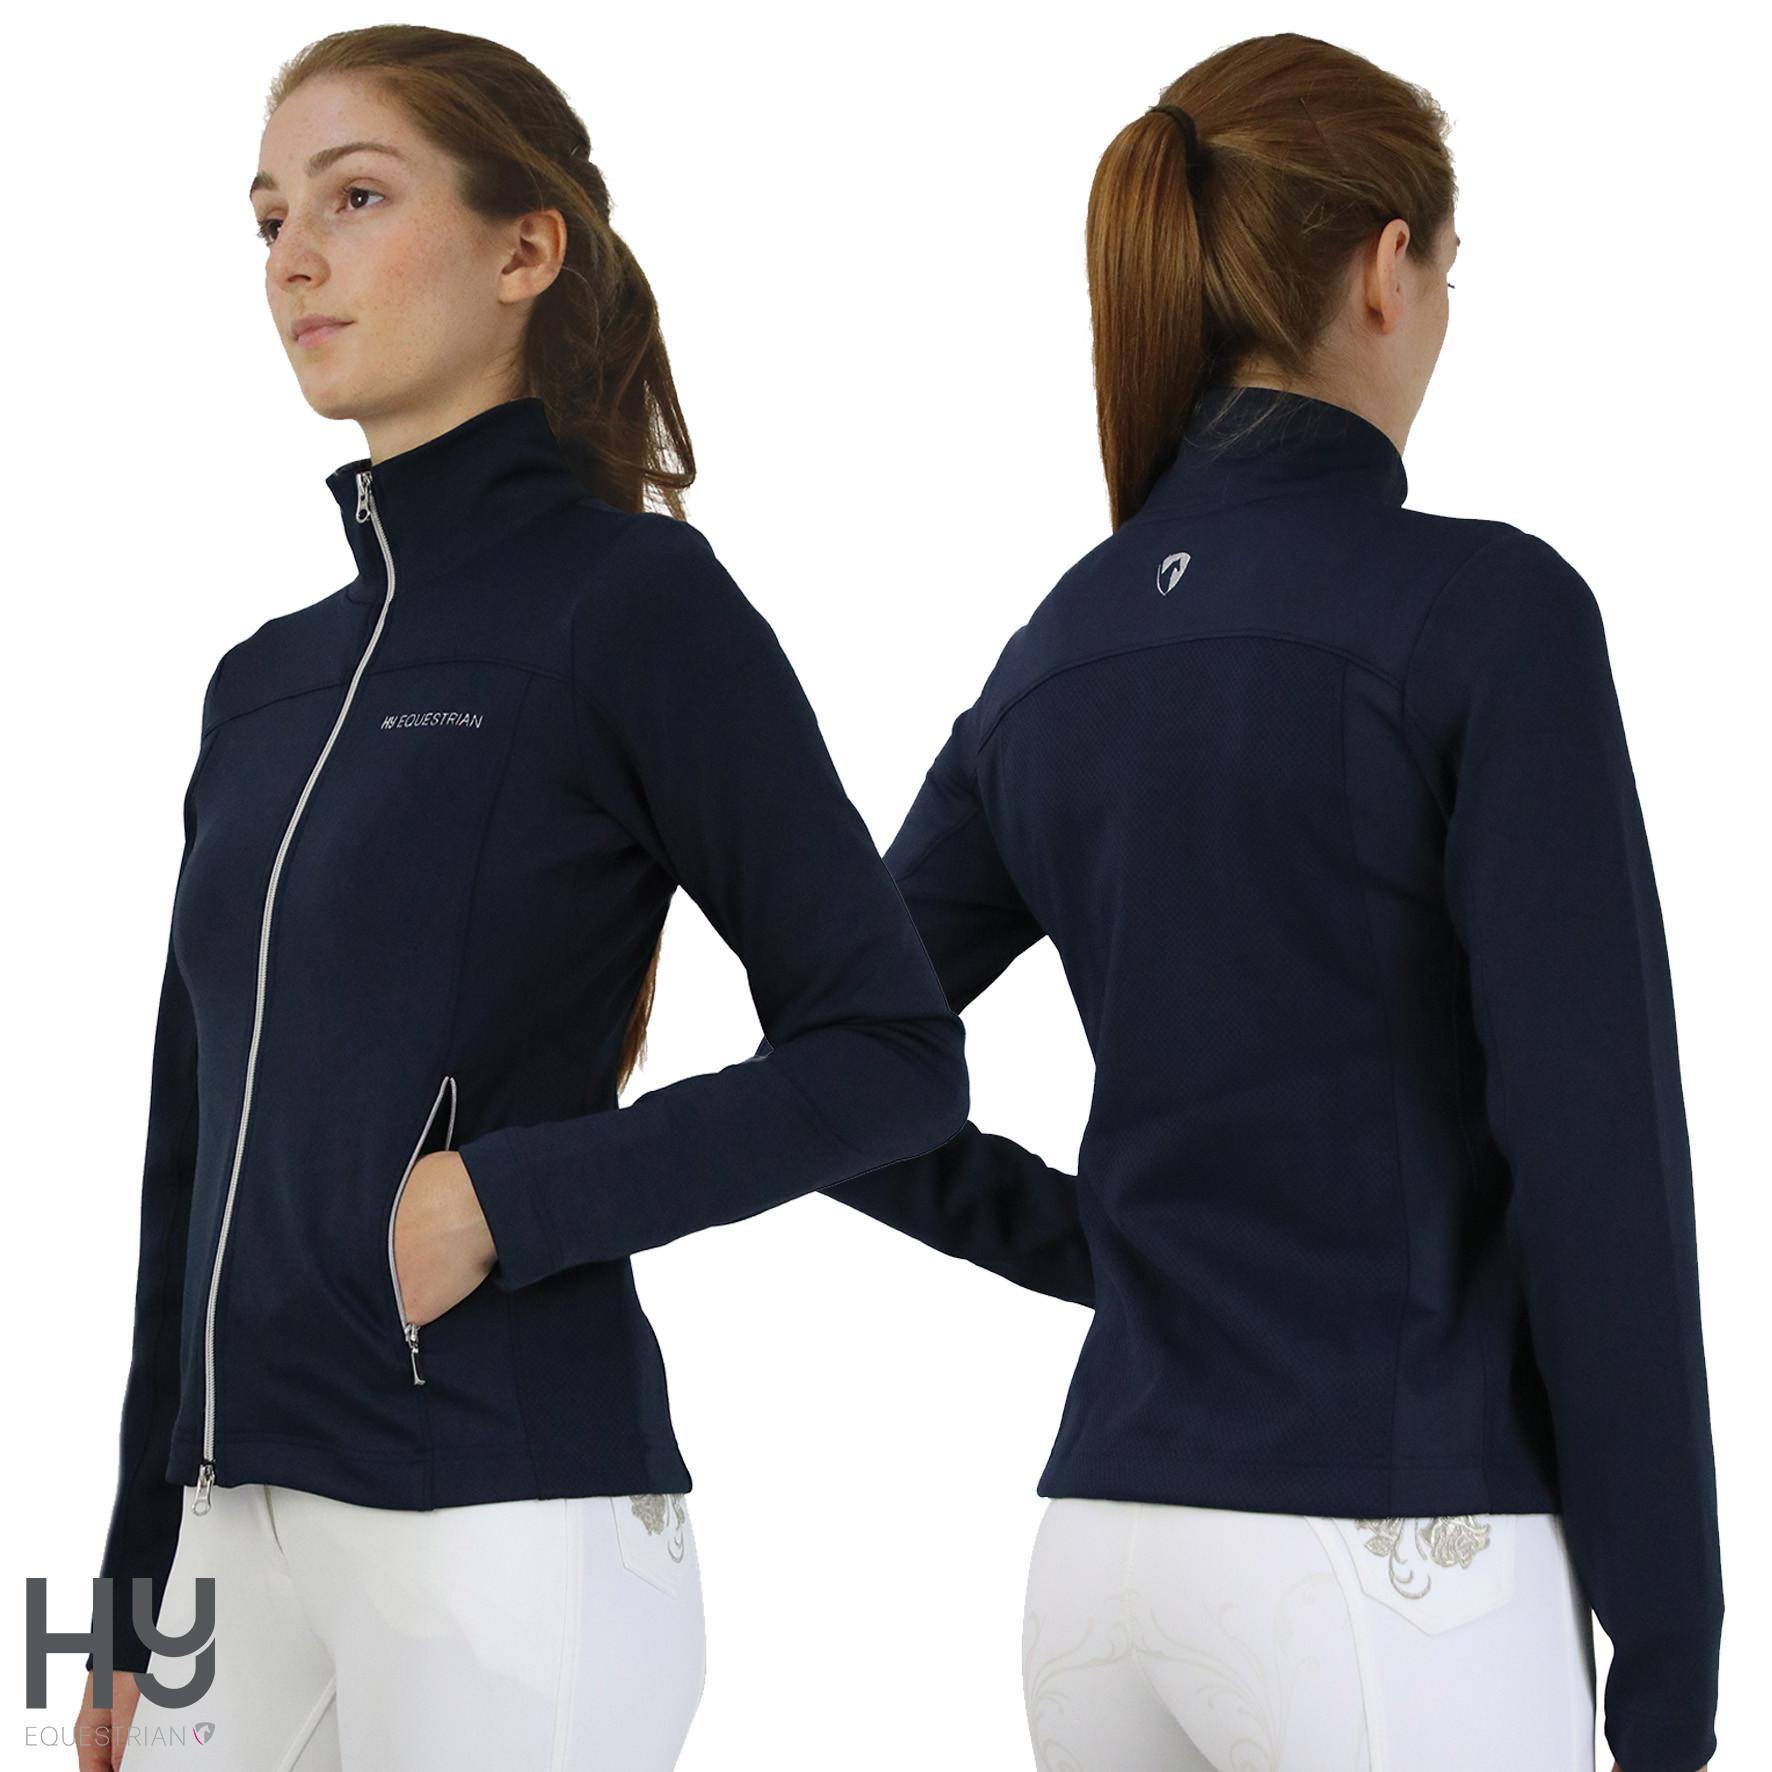 Synergy Flex Jacket by Hy Equestrian